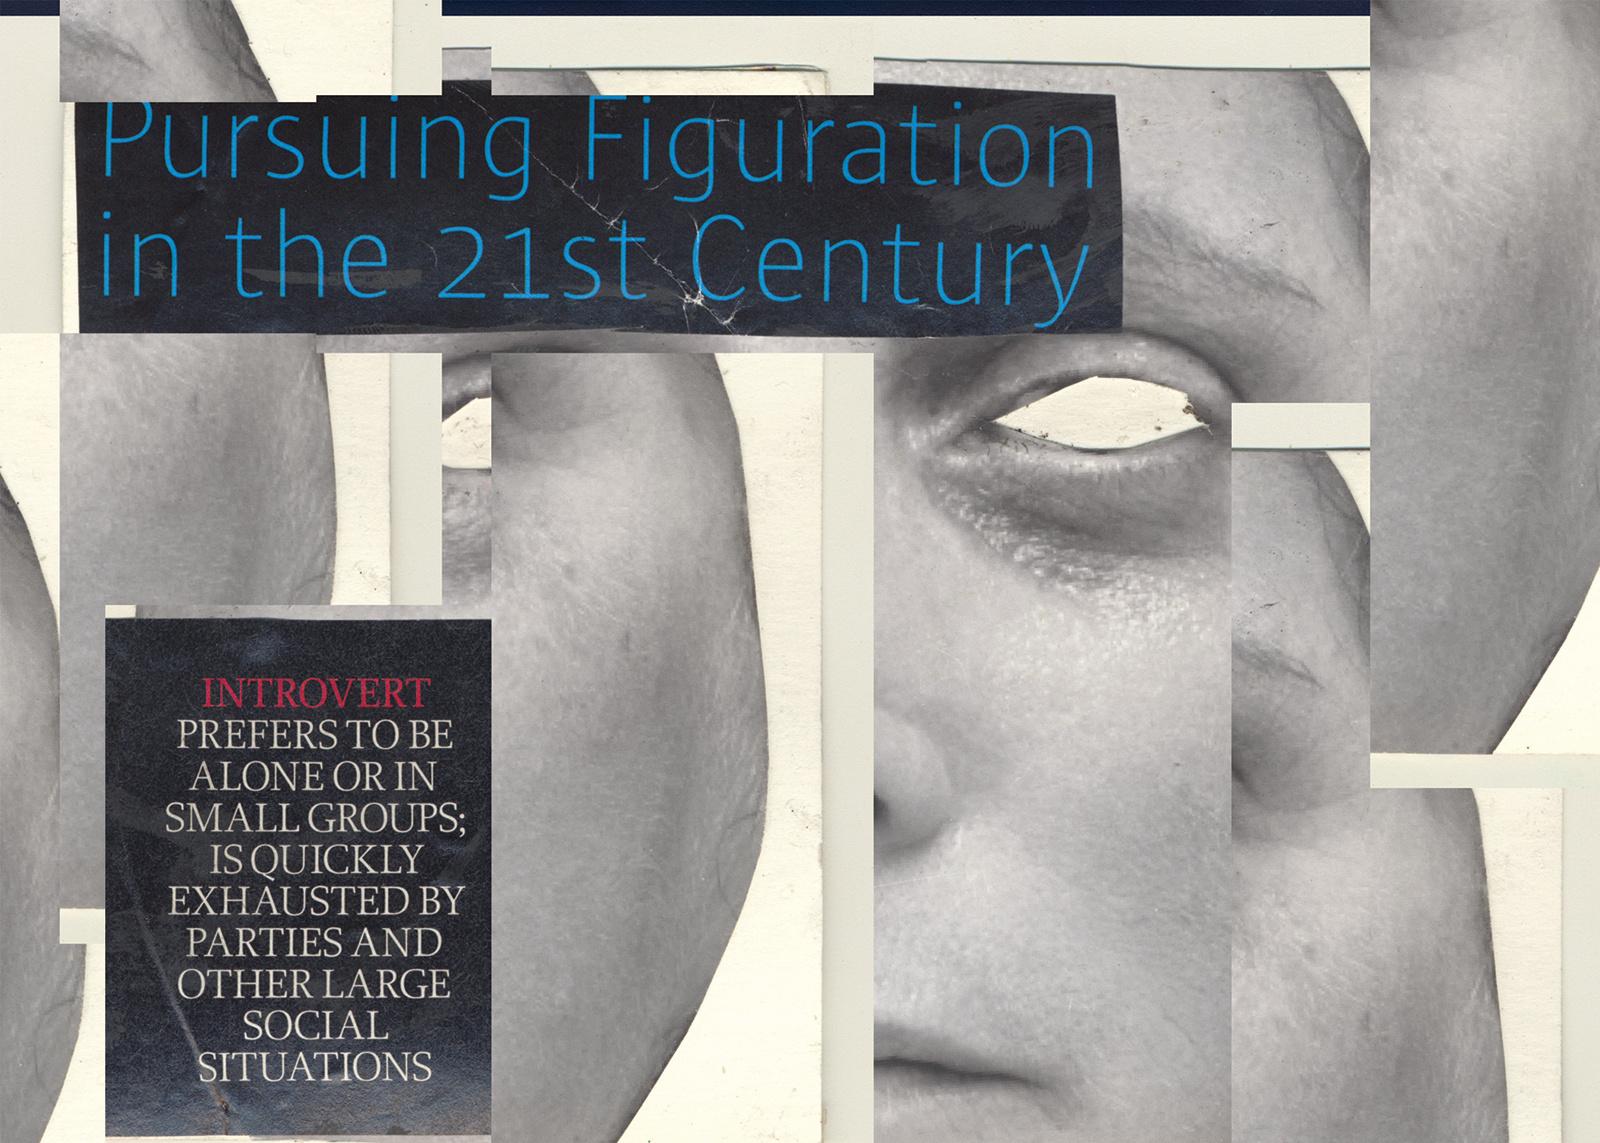 Pursuing Figuration